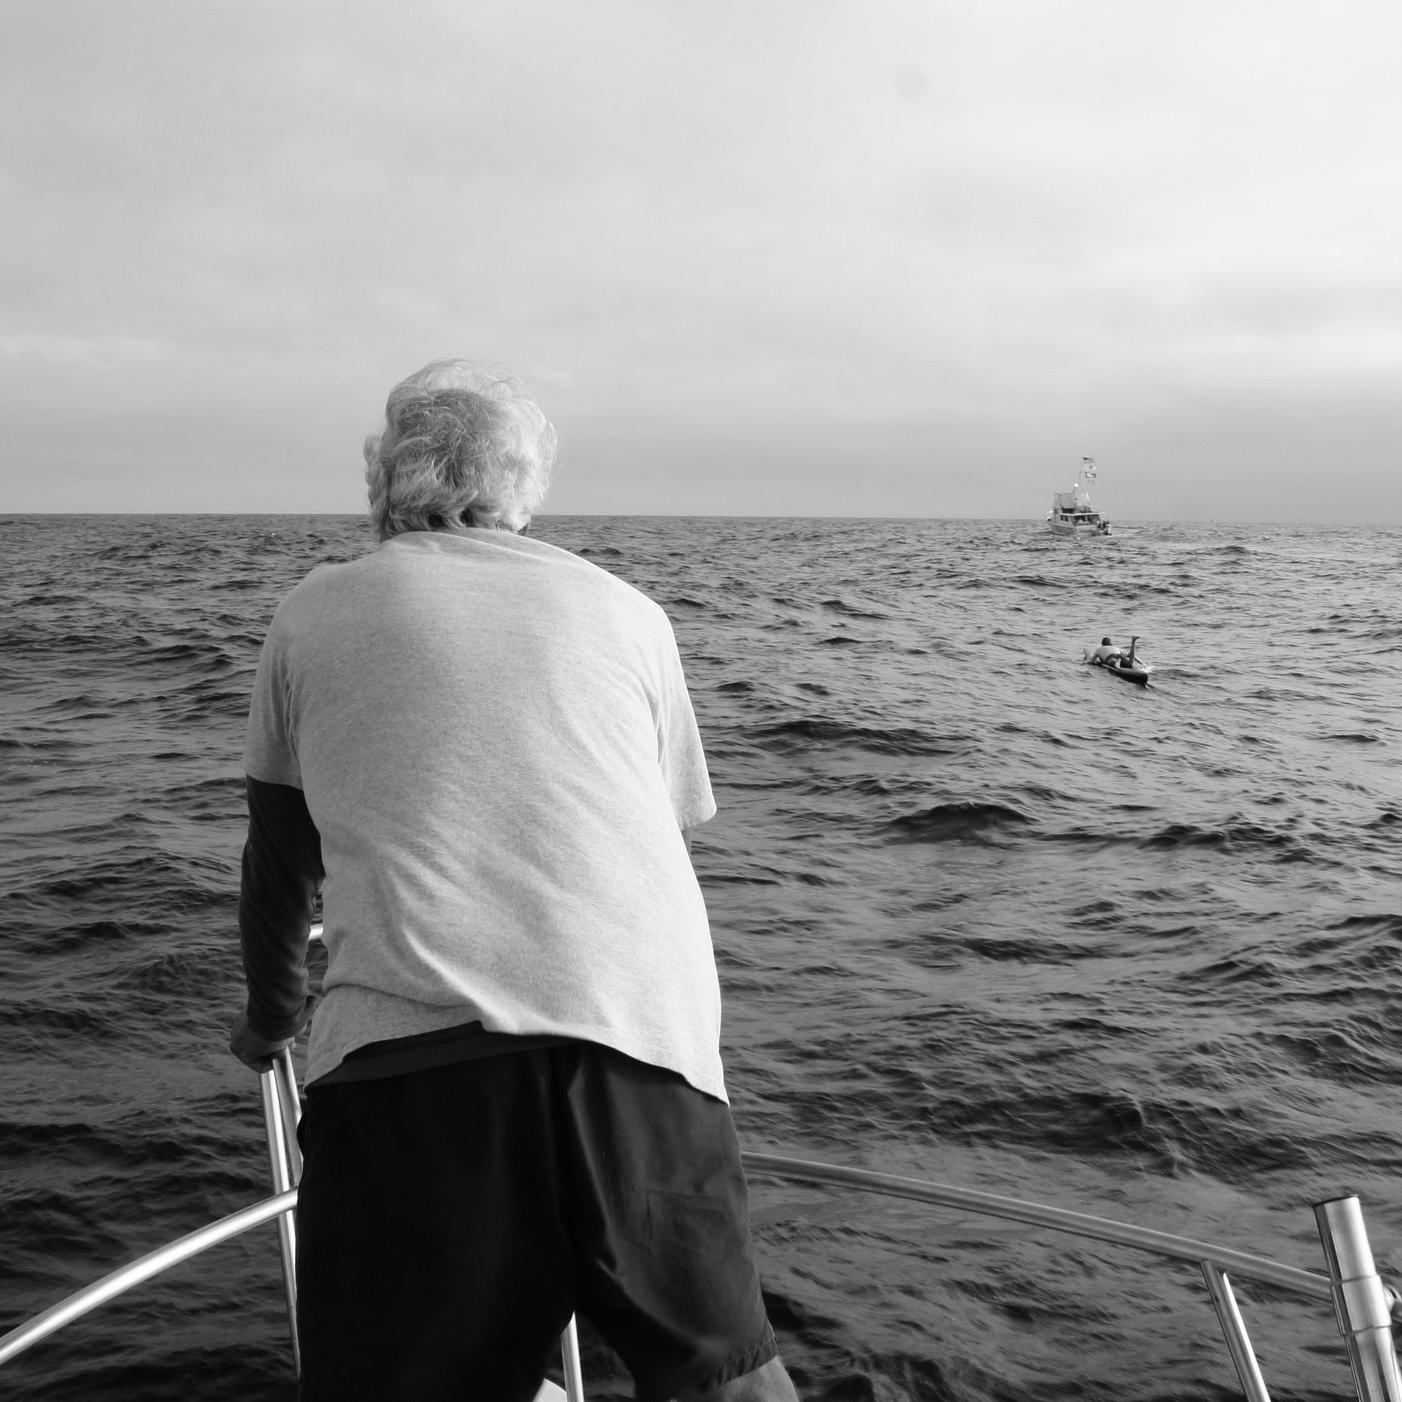 LANCE MANN - World's Oldest Active Lifeguard